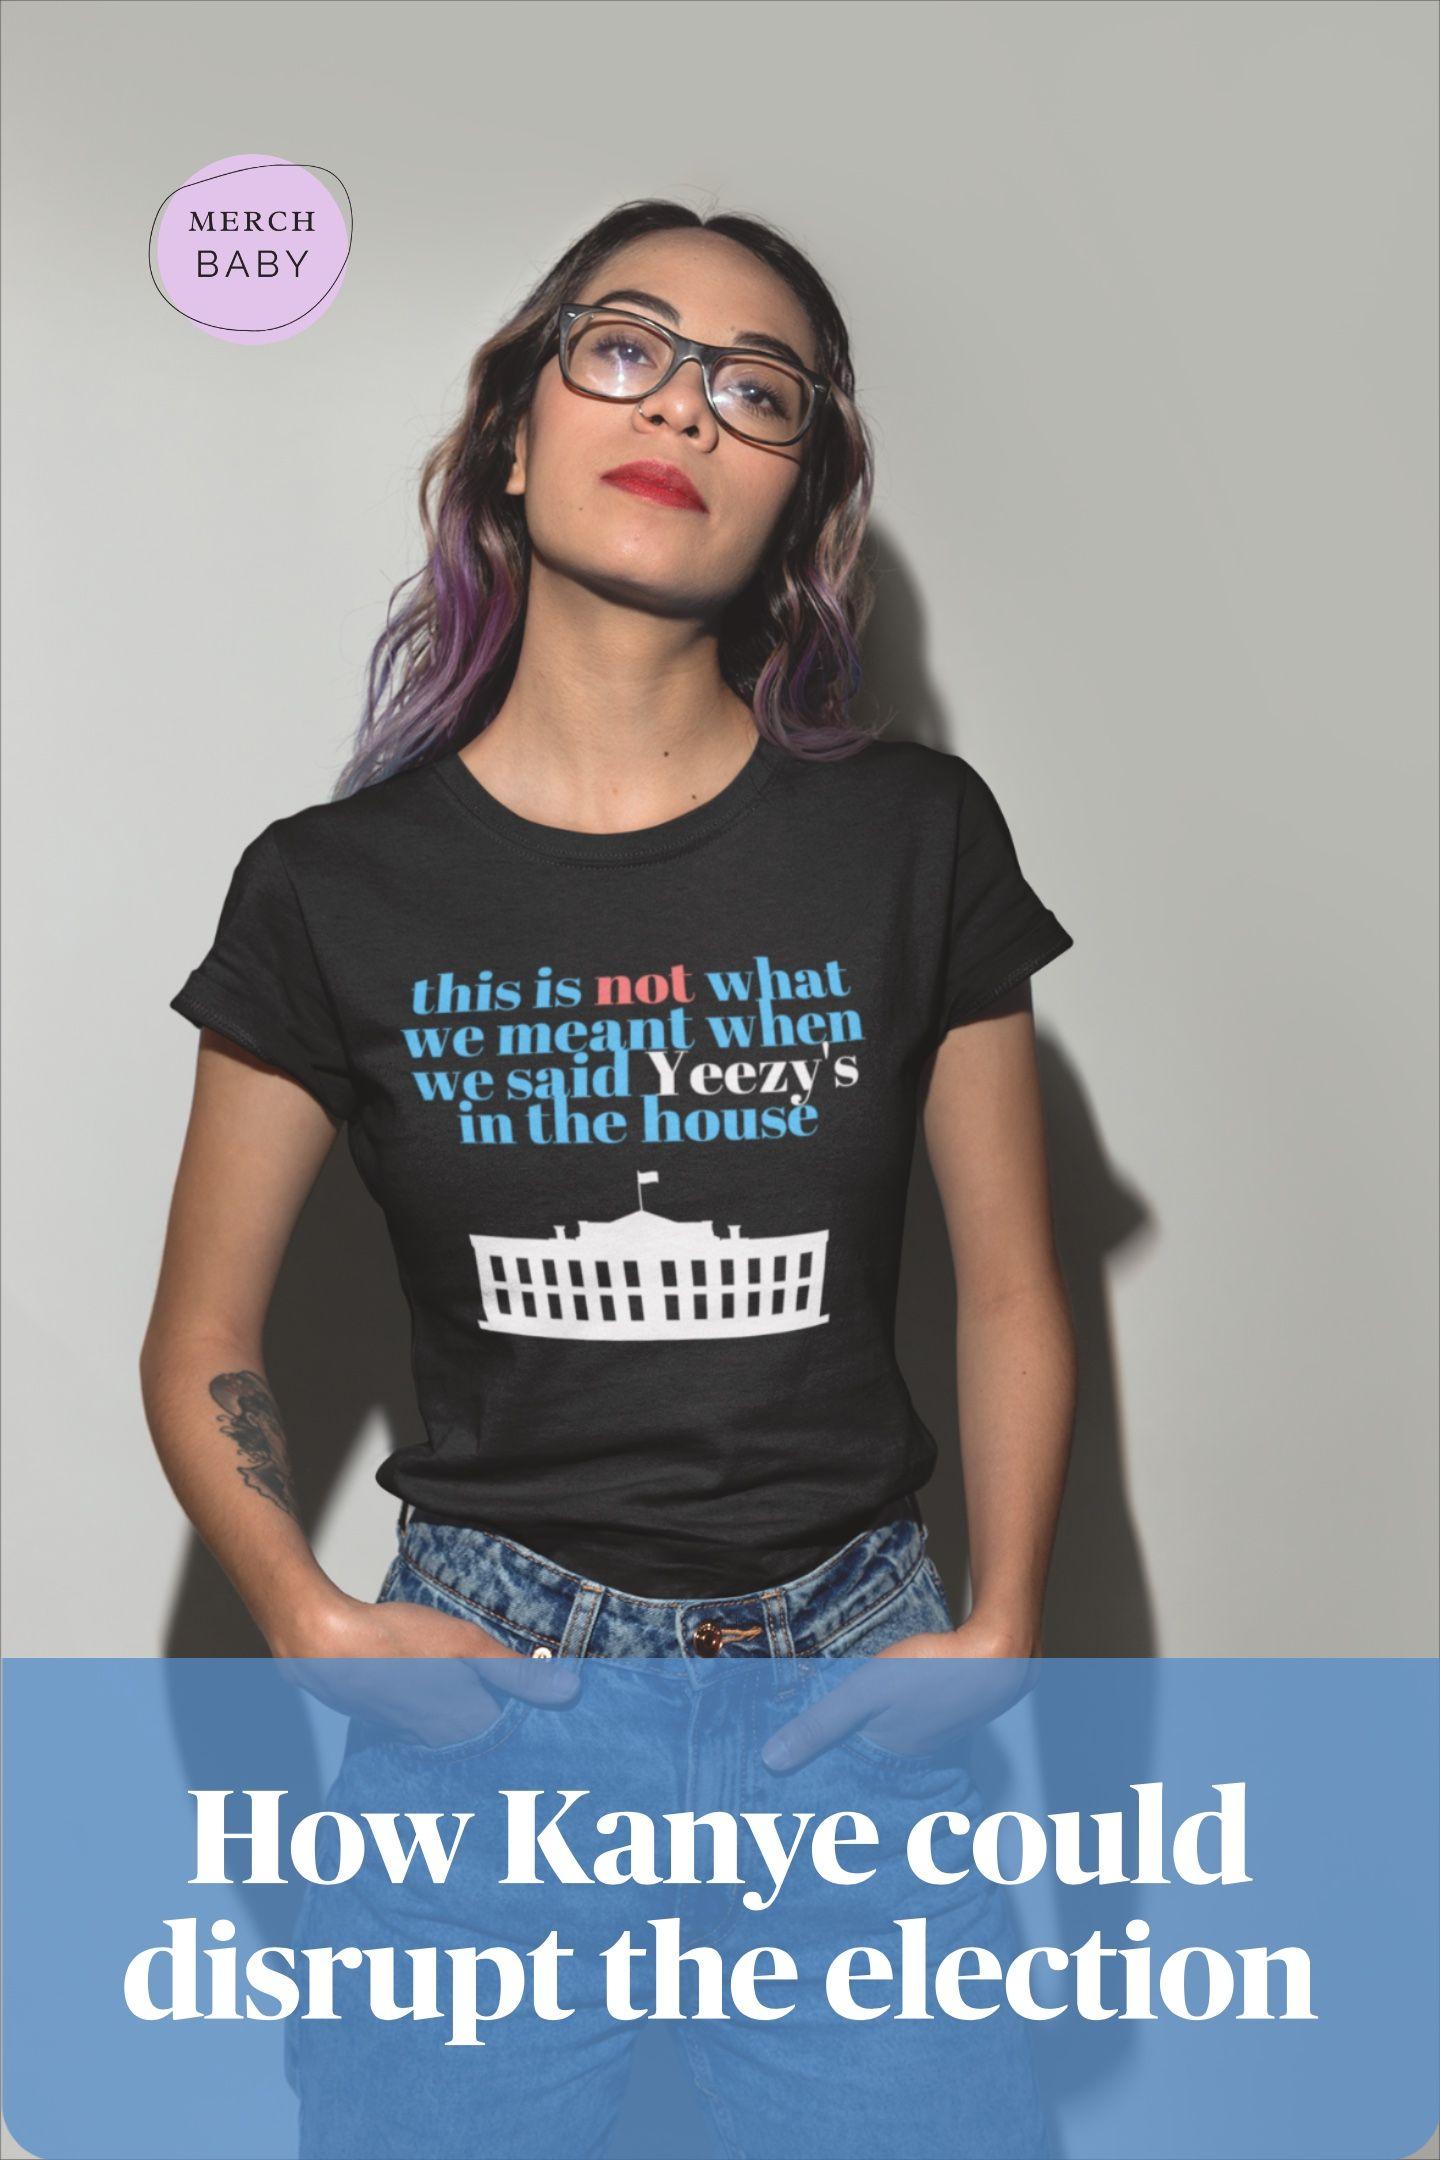 Funny Kanye West Shirt Kanye For Present Shirt Yeezy Shirt Etsy In 2020 Kanye West Shirt Yeezy Shirt Kanye West Funny